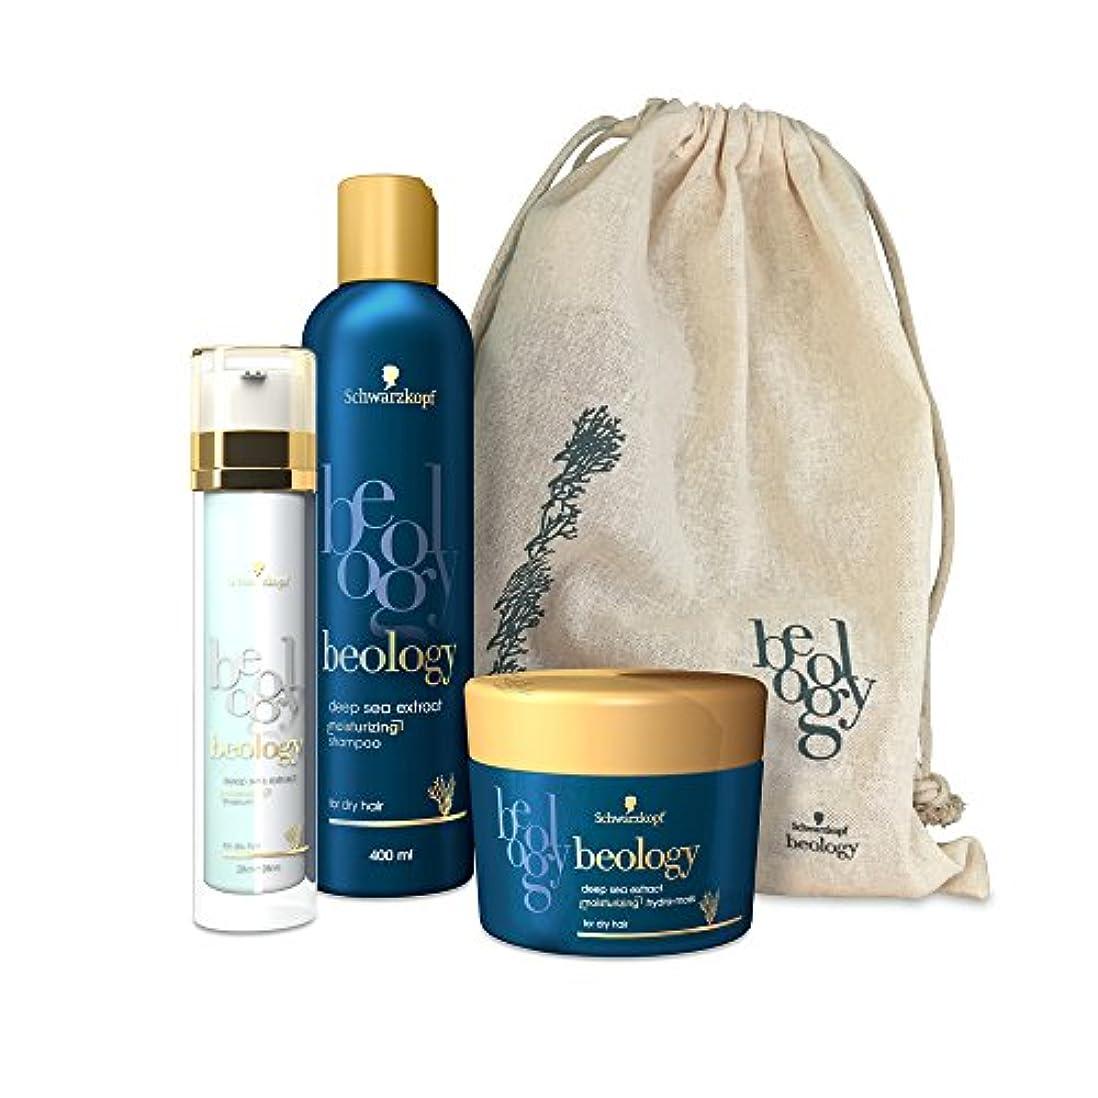 見習い入口膜Beology - 3つの保湿製品のセット - バイセラム/シャンプー/マスク - ヘアケア用ディスカバリーバッグ